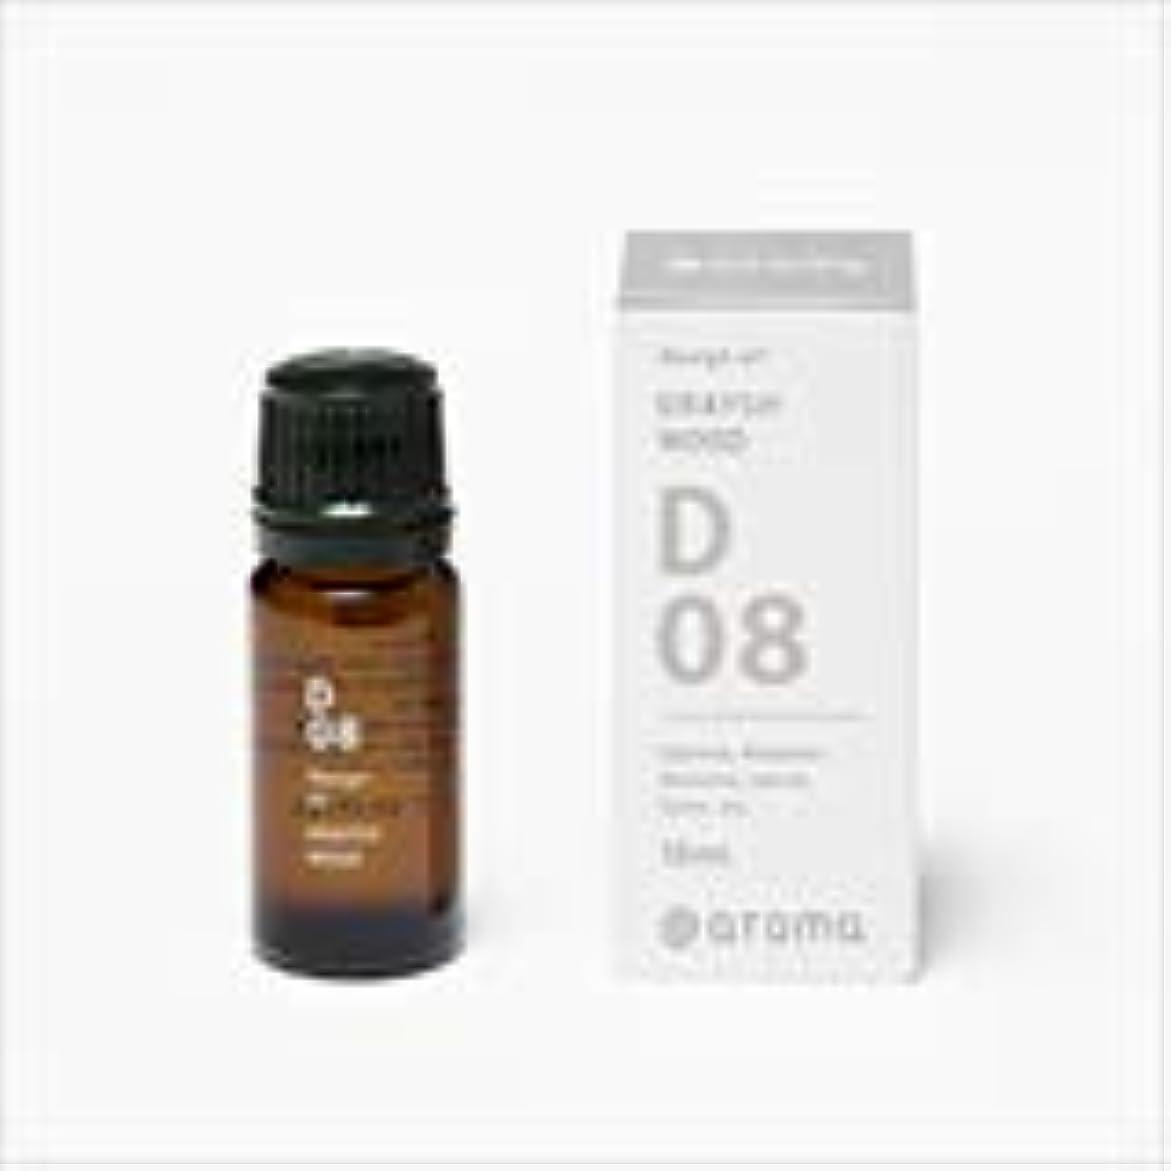 歩くメイエラとんでもないアットアロマ 100%pure essential oil <Design air オーシャンクルーズ>